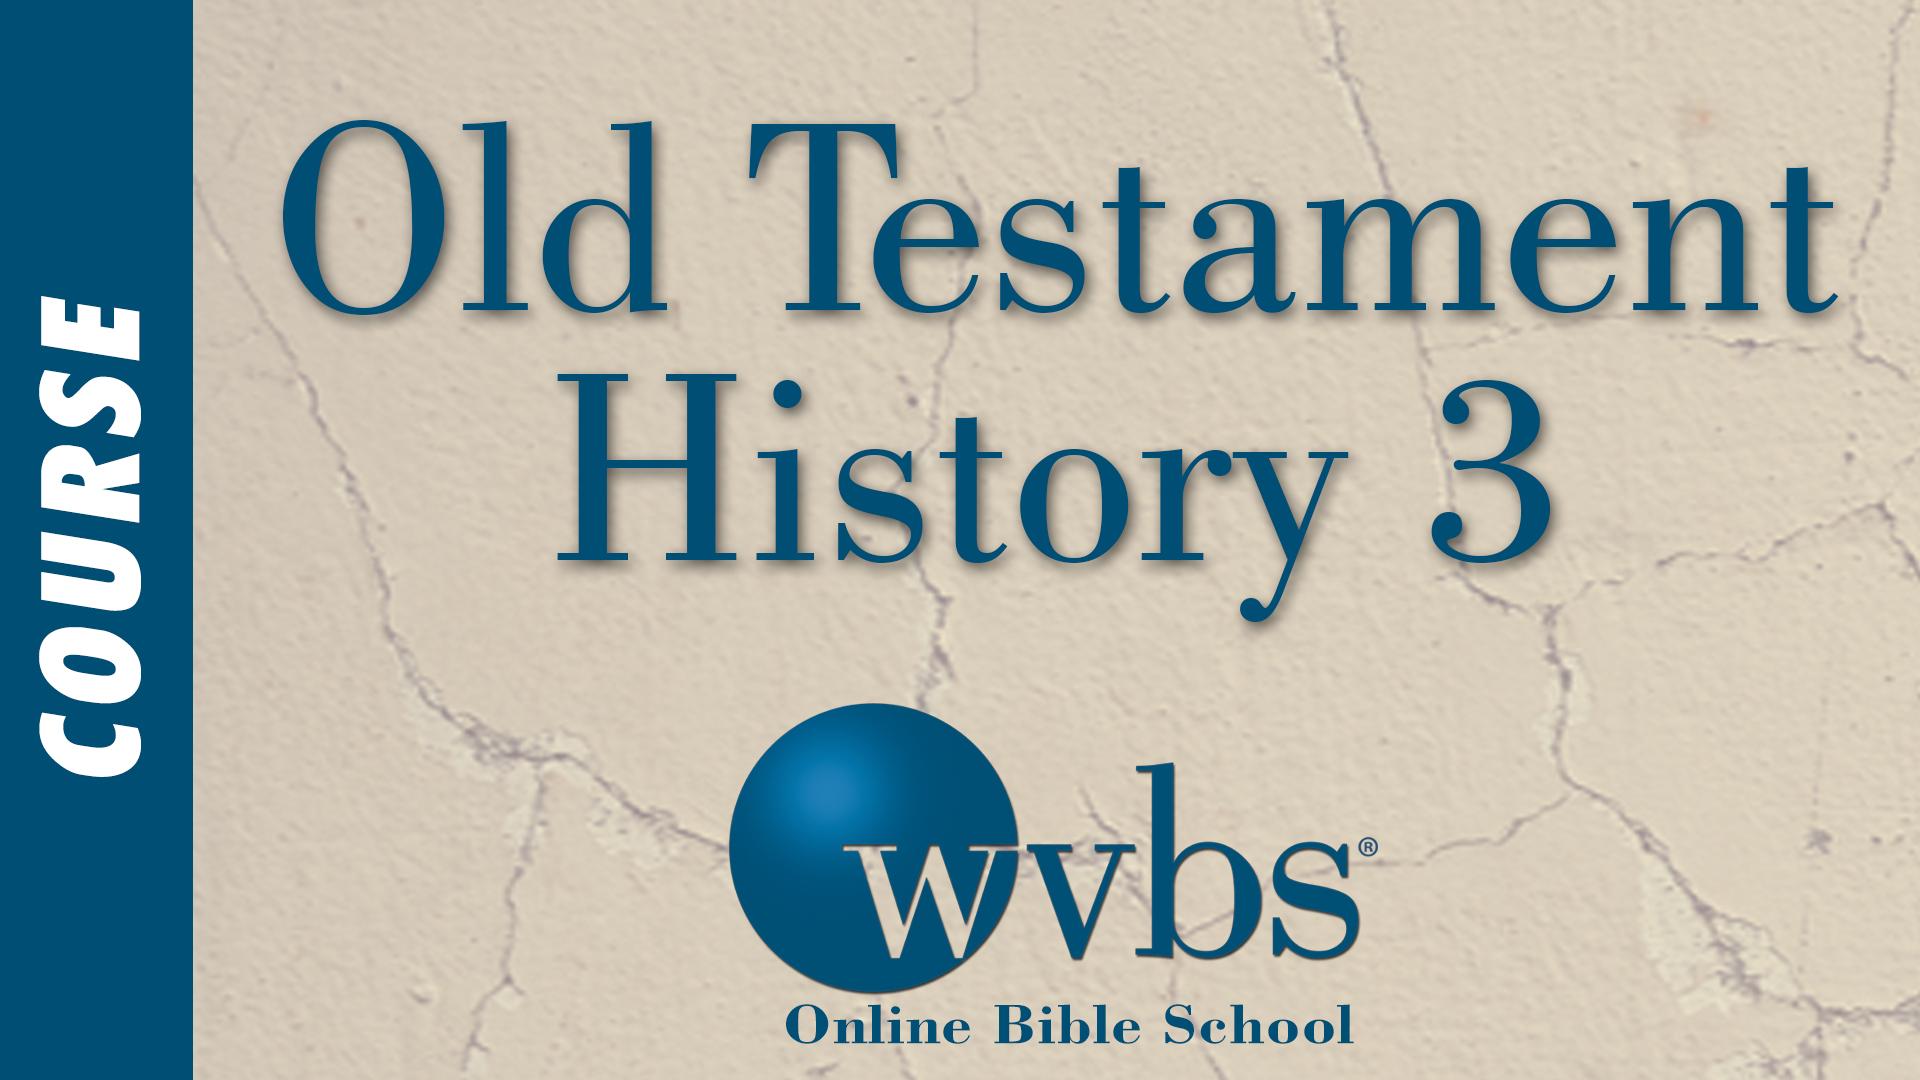 Old Testament History 3 (Online Bible School)